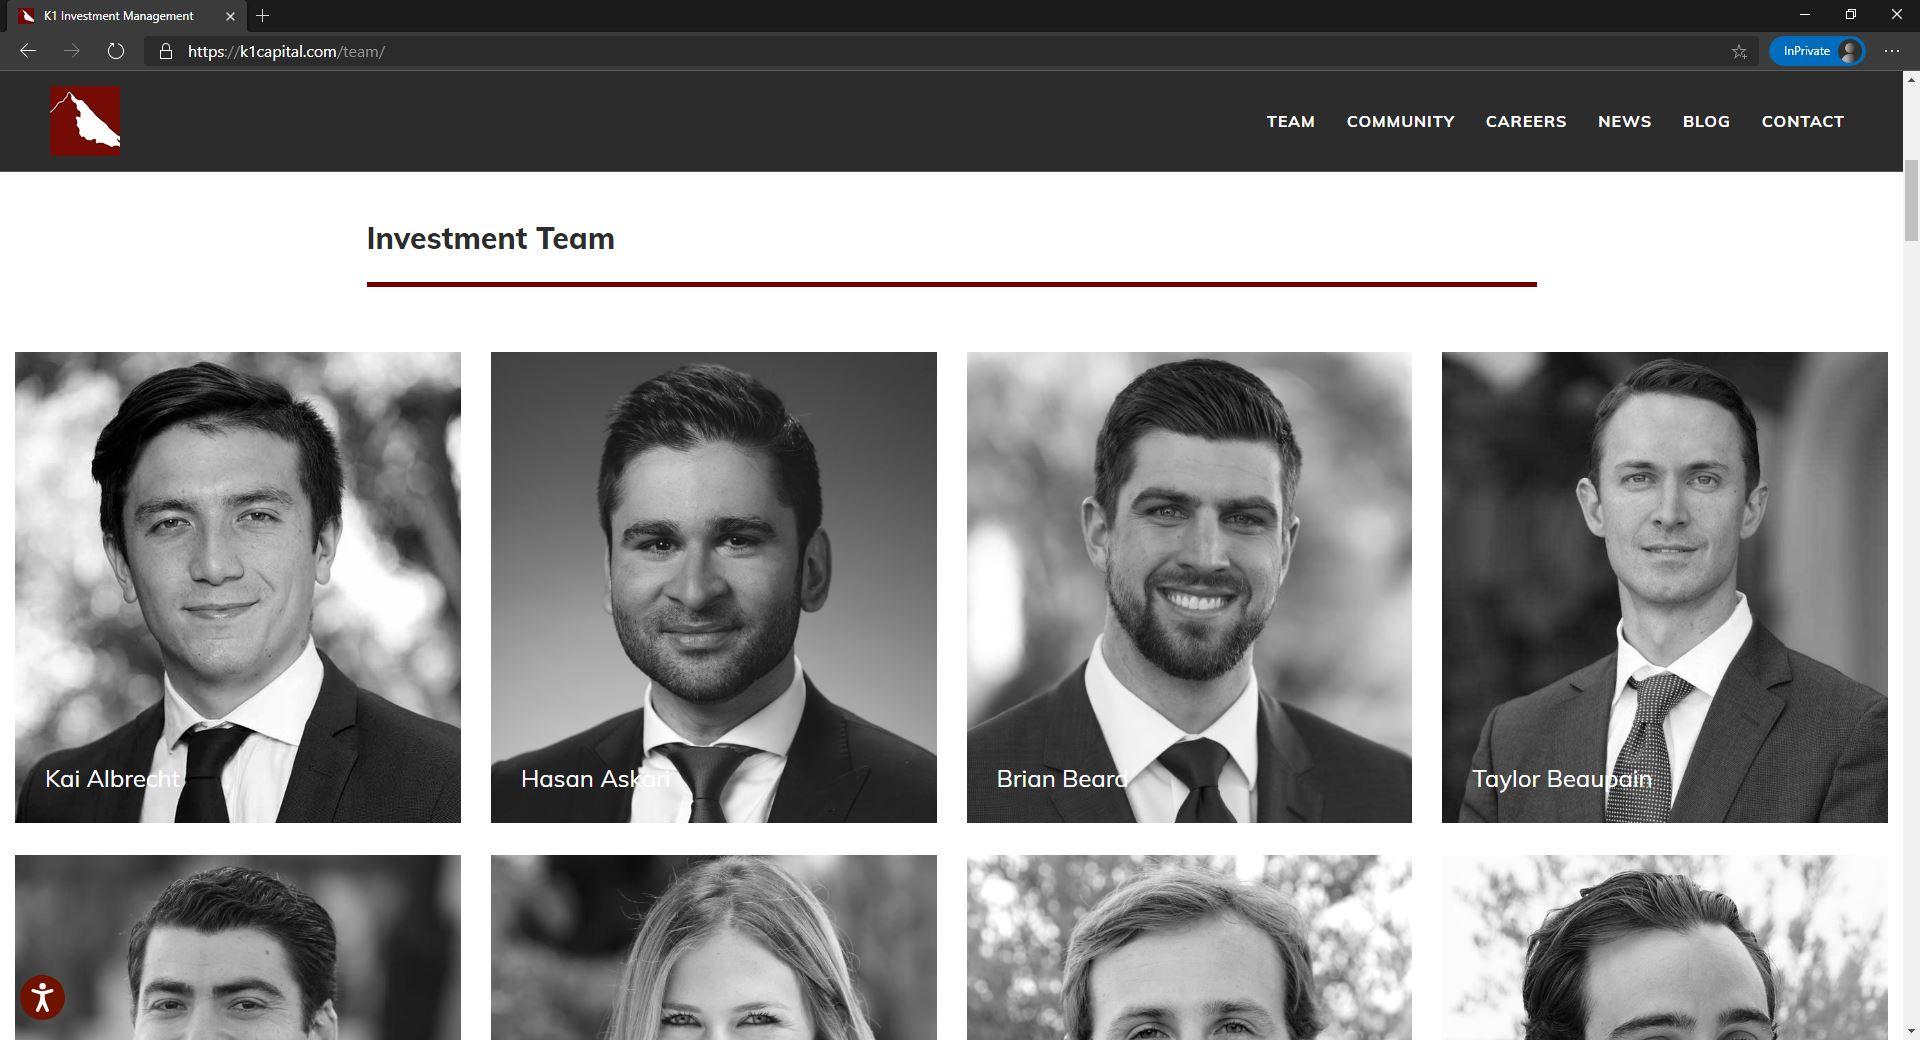 K1 Investment Management website